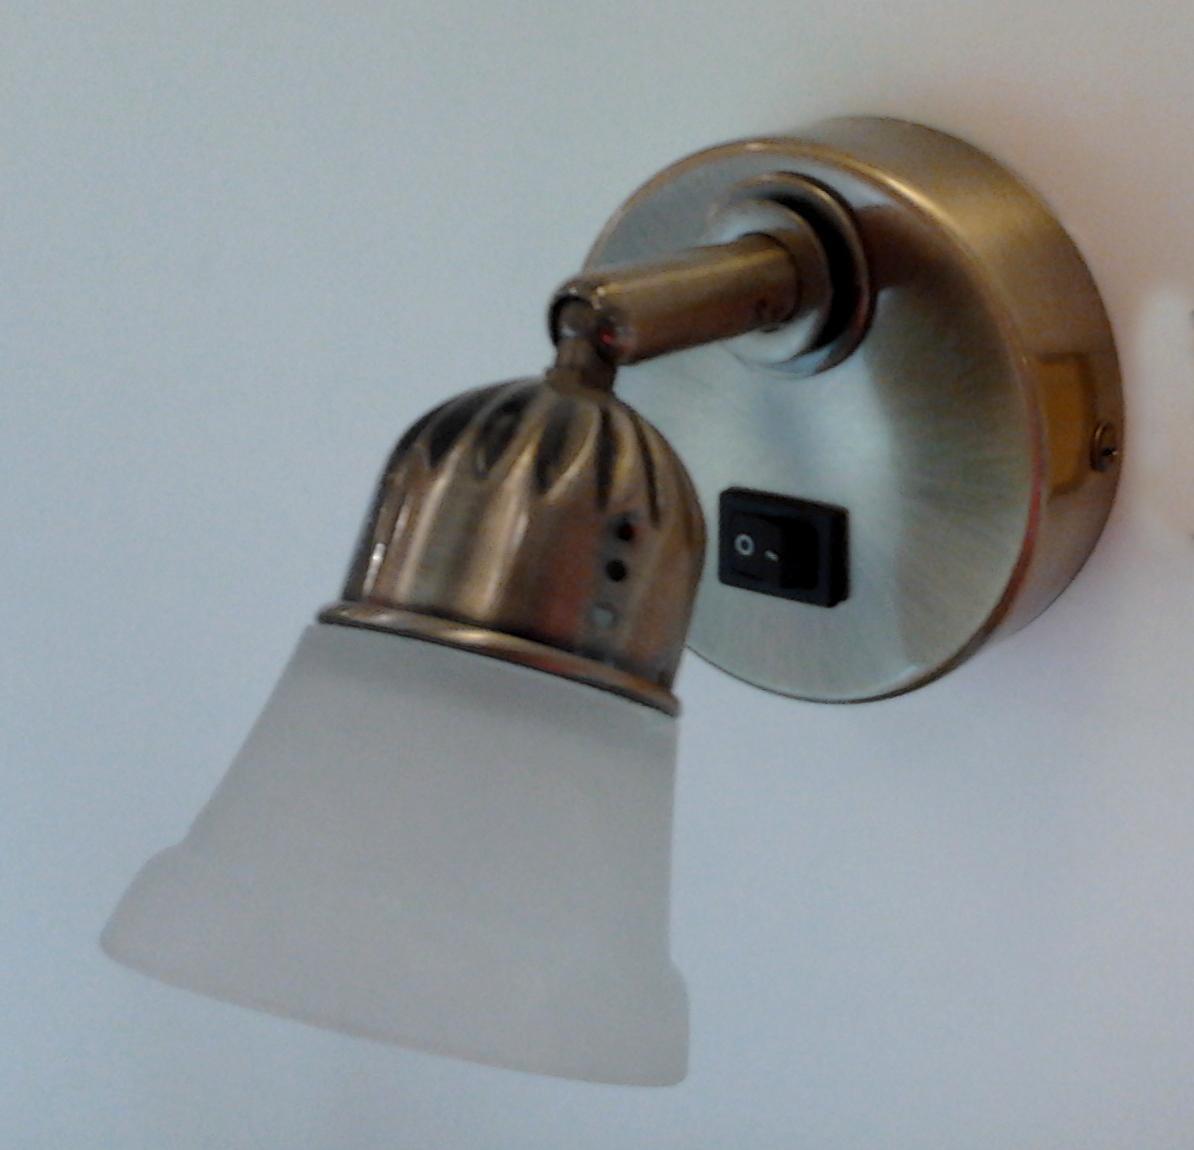 Bydlení - zařizování - Kdyby tohle nemělo ten hnusný do očí bijící vypínač :-(